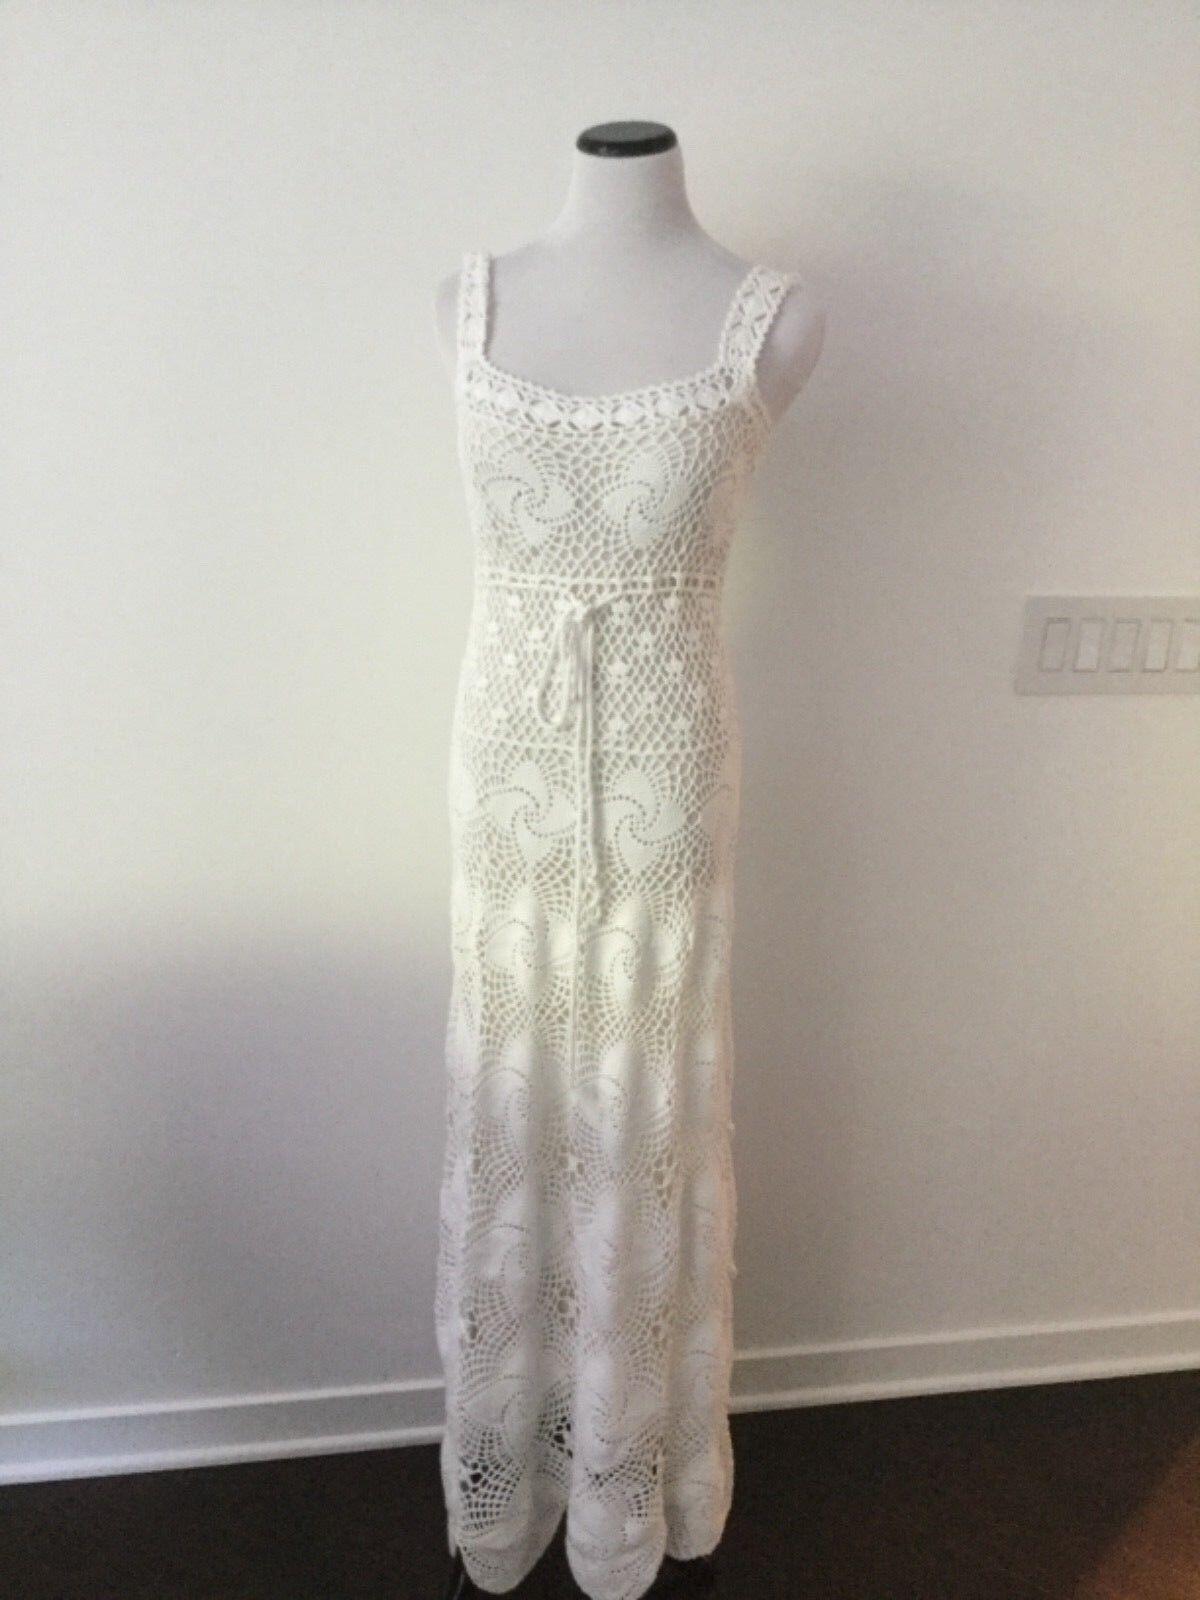 Nuevo con etiquetas Catherine Malandrino Vestido  blancoo Talla 10  la calidad primero los consumidores primero